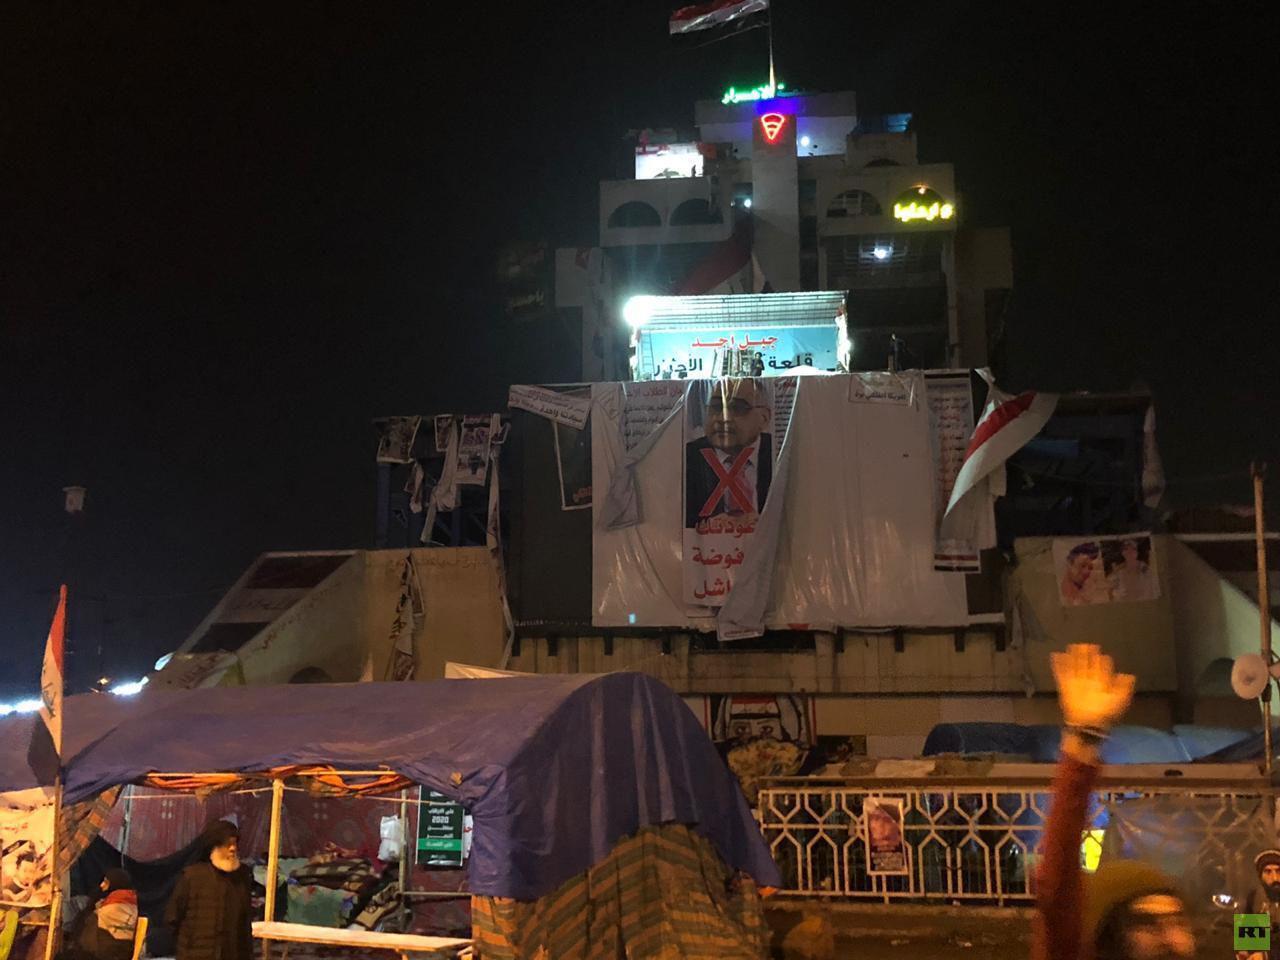 العراق.. معتصمو ساحة التحرير يعلقون صورا لعادل عبد المهدي ويرفضون عودته